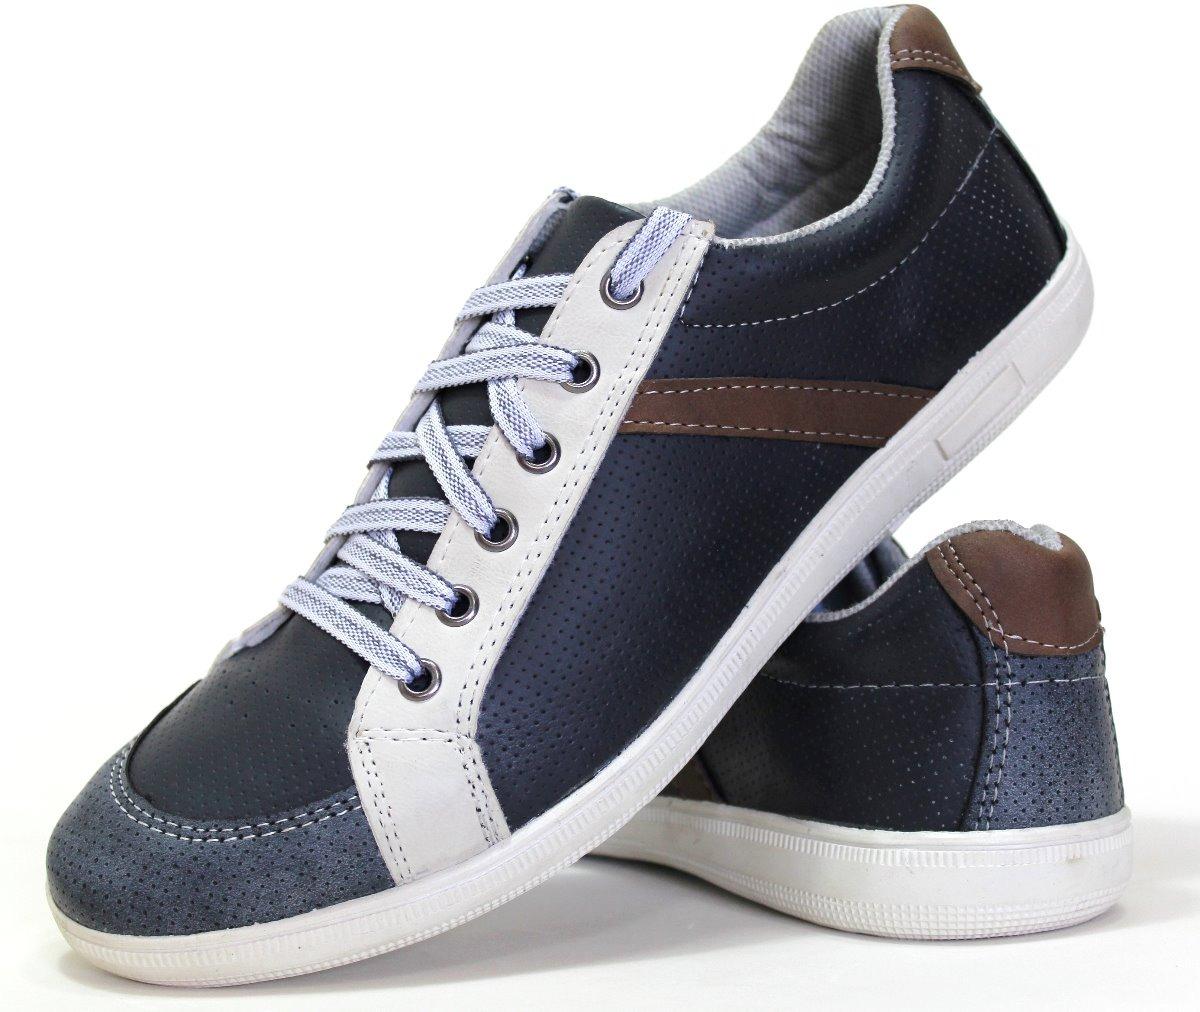 6e670d4cb5 sapatos sapatenis calçados masculinos barato promoção couro. Carregando  zoom.